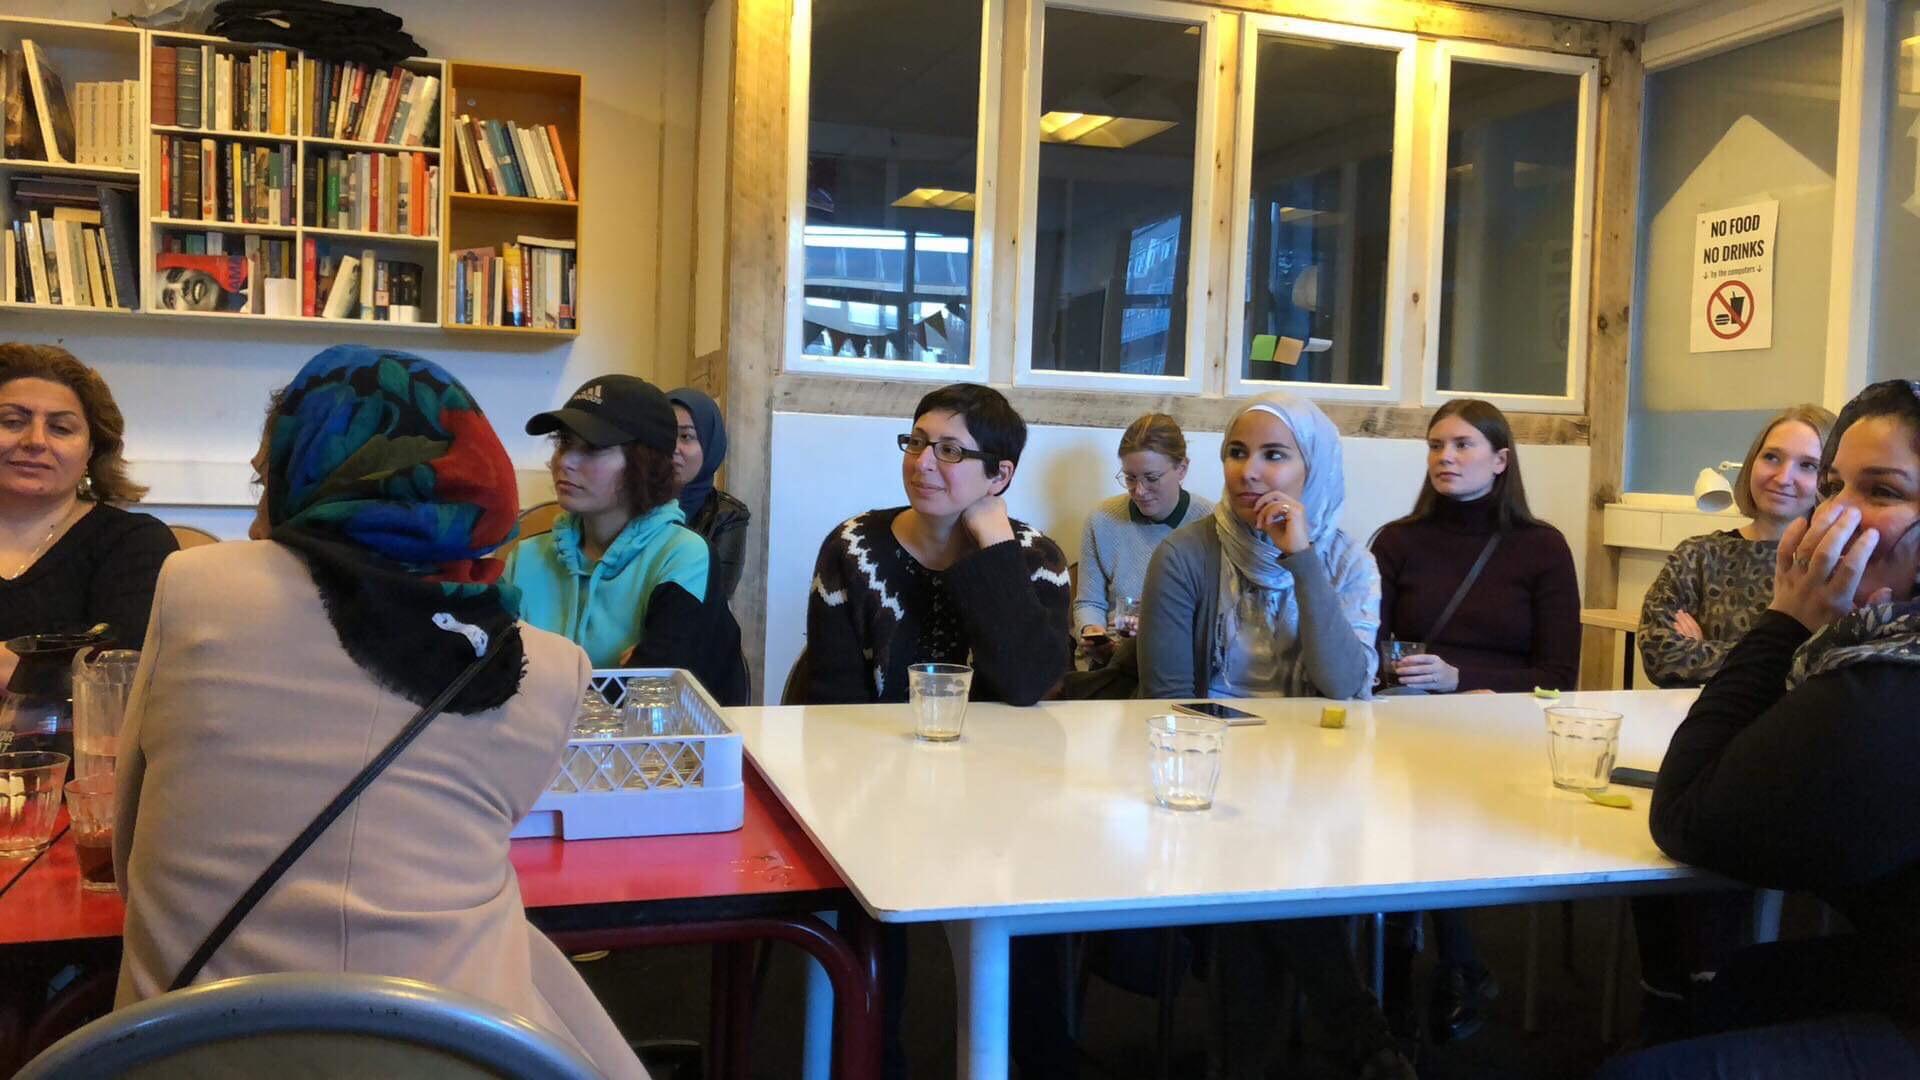 Kvindeklassen er en ny, læringsorierenteret aktivitet for kvinder i Trampolinhuset. Foto: Tone Olaf Nielsen.